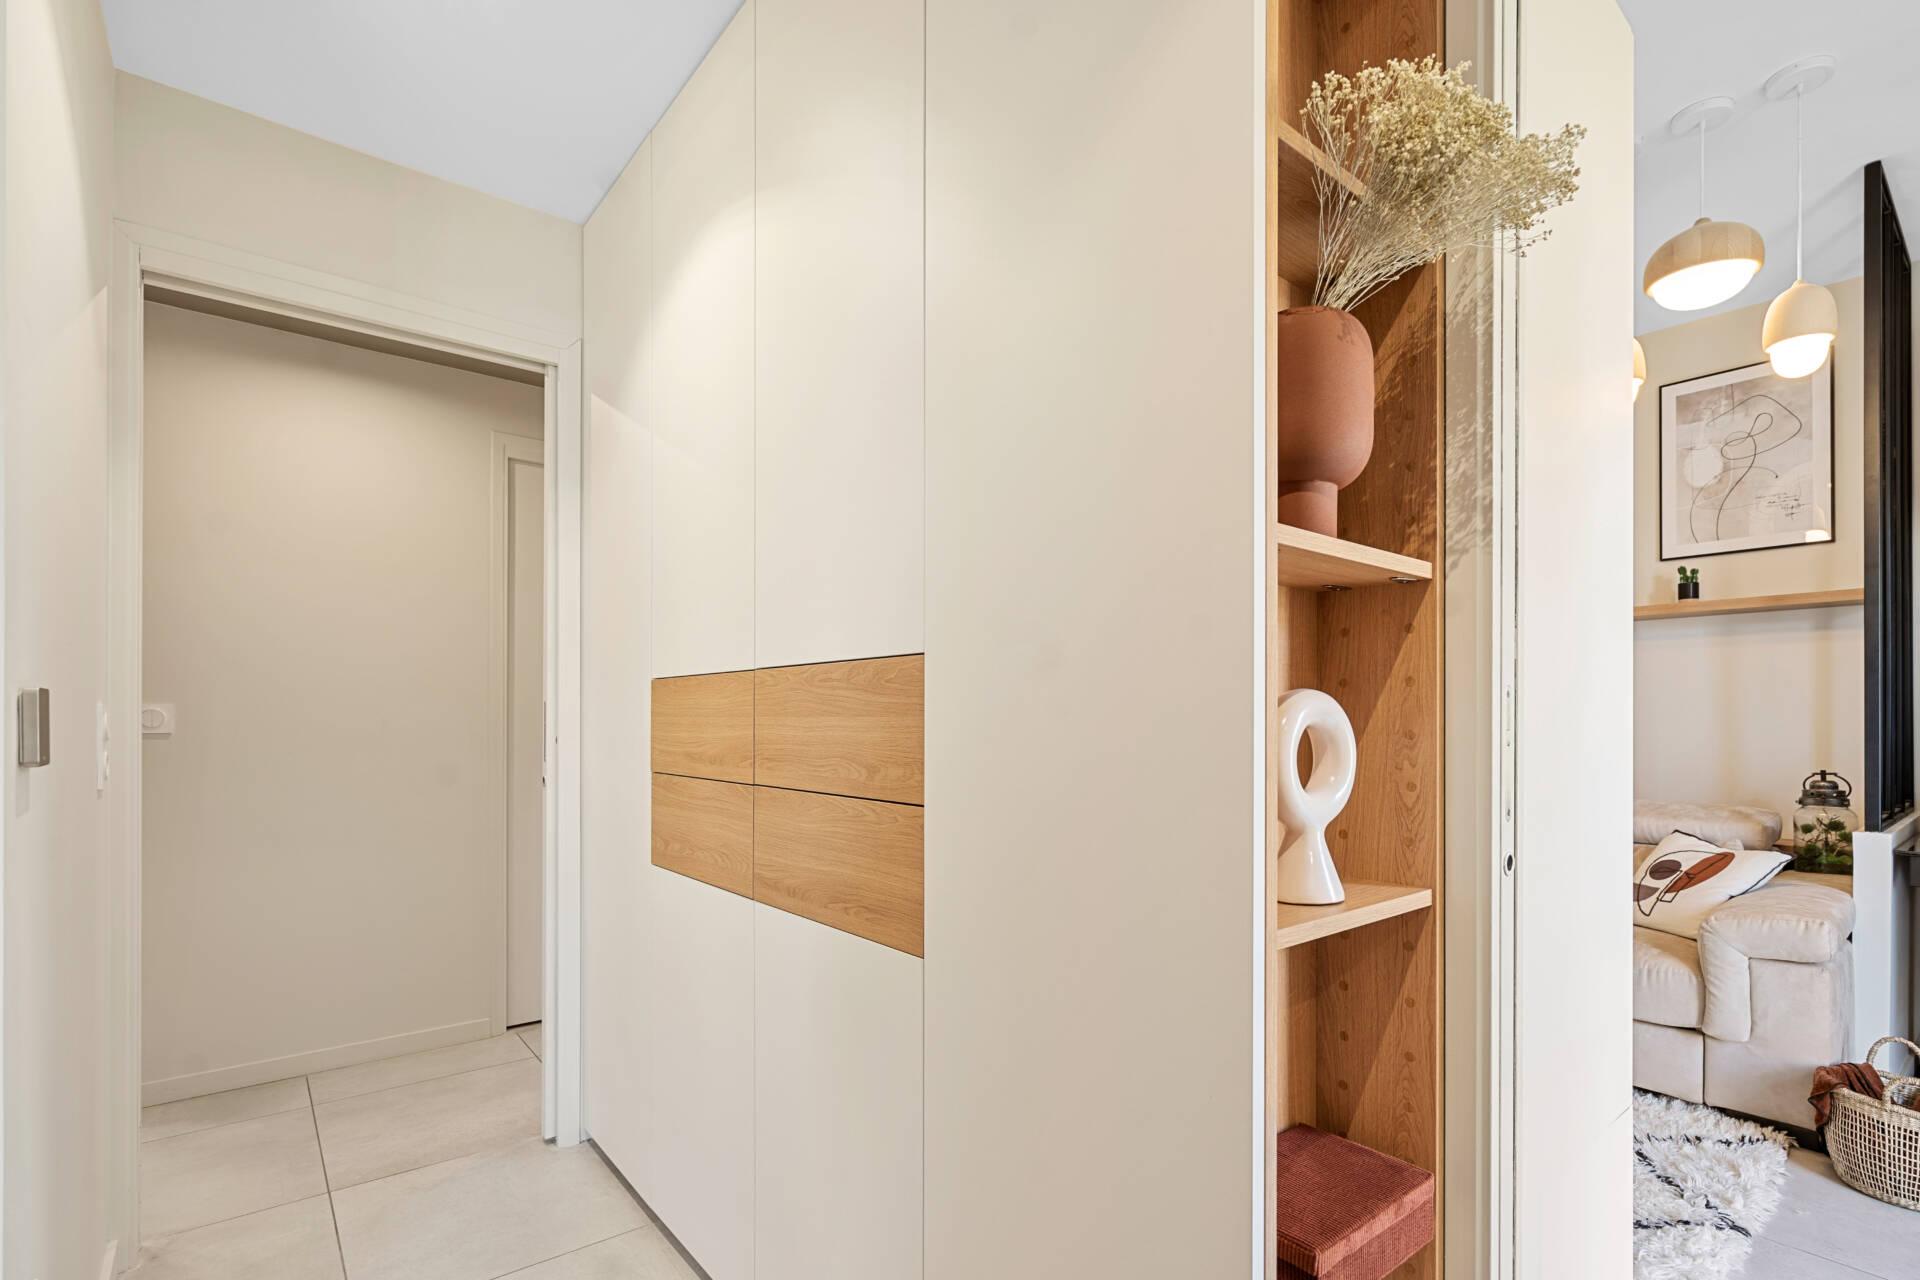 Décoration et agencement Appartement neuf Aix en Provence - Chambre avec placard sur mesure, par Myll décors , Agence de décoration à Aix en Provence et dans le Var